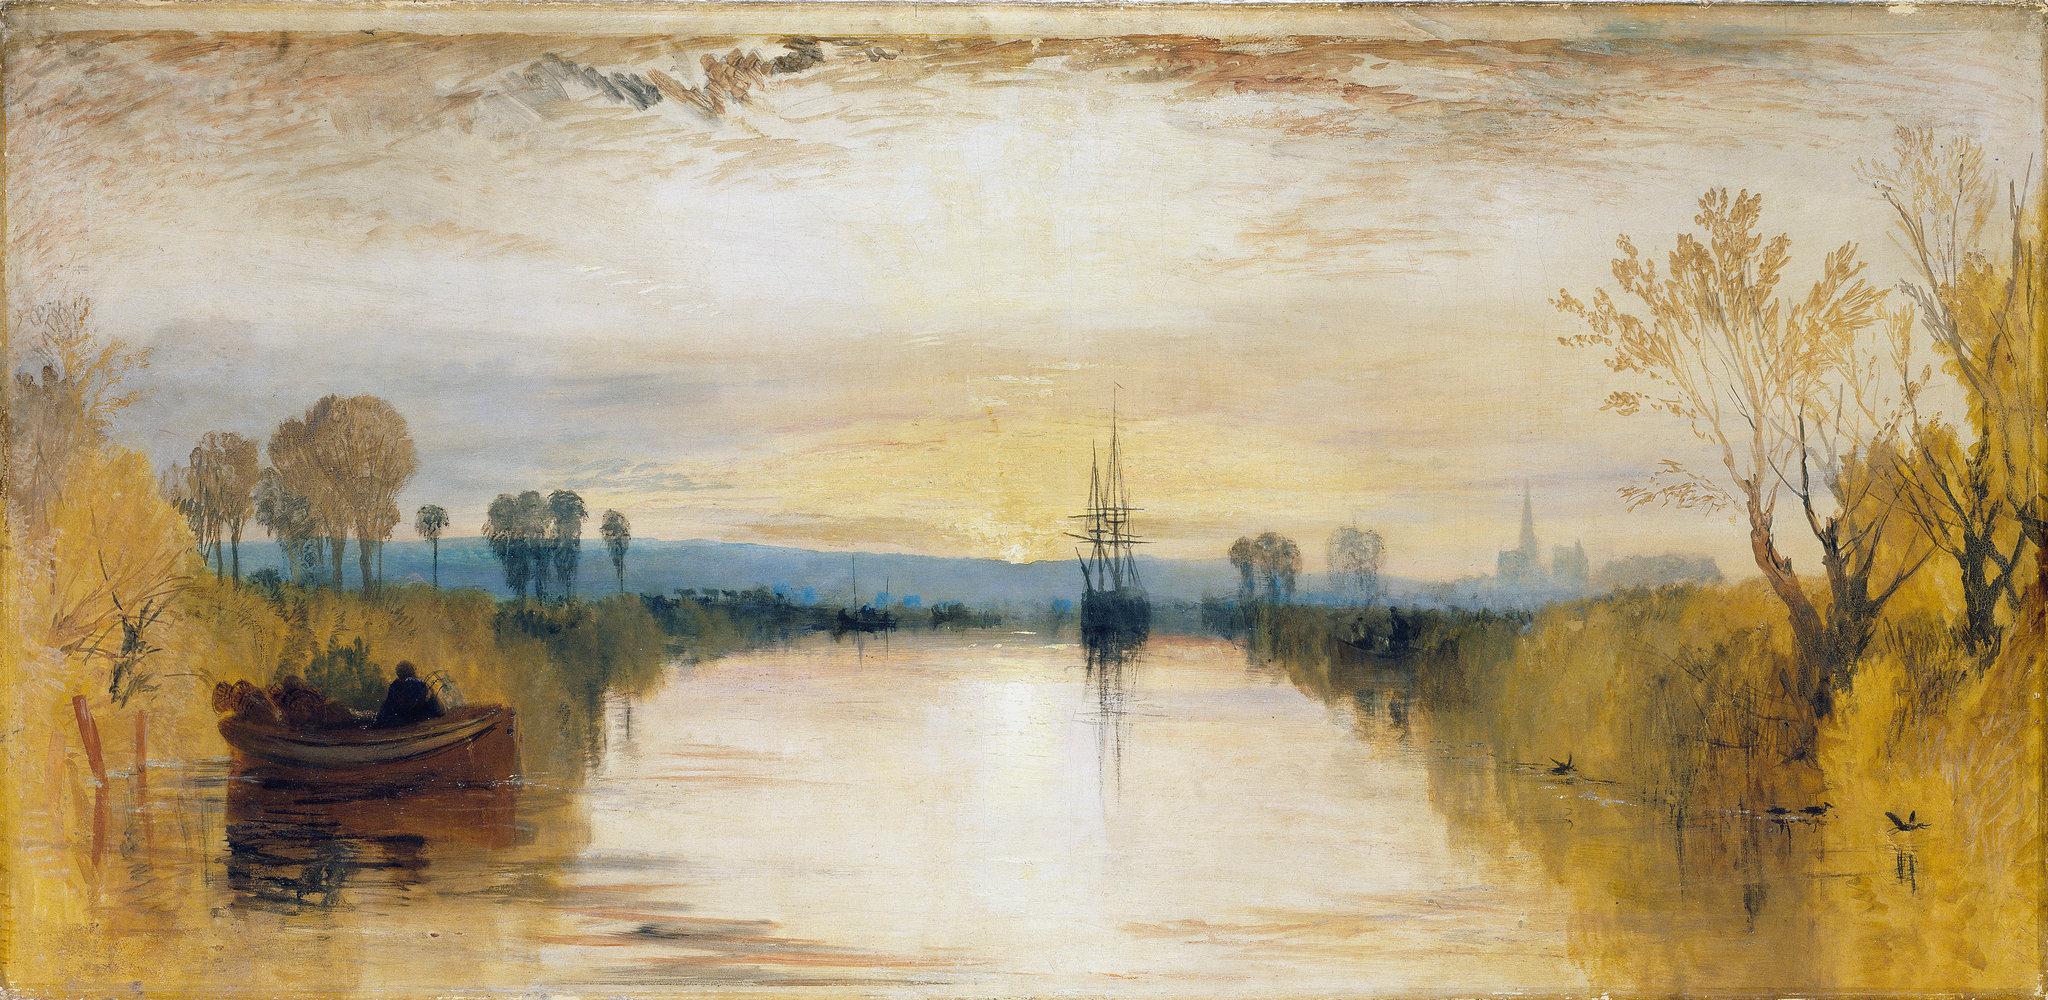 Lukisan karya J.M.W Turner yang menggambarkan suramnya musim panas di Inggris